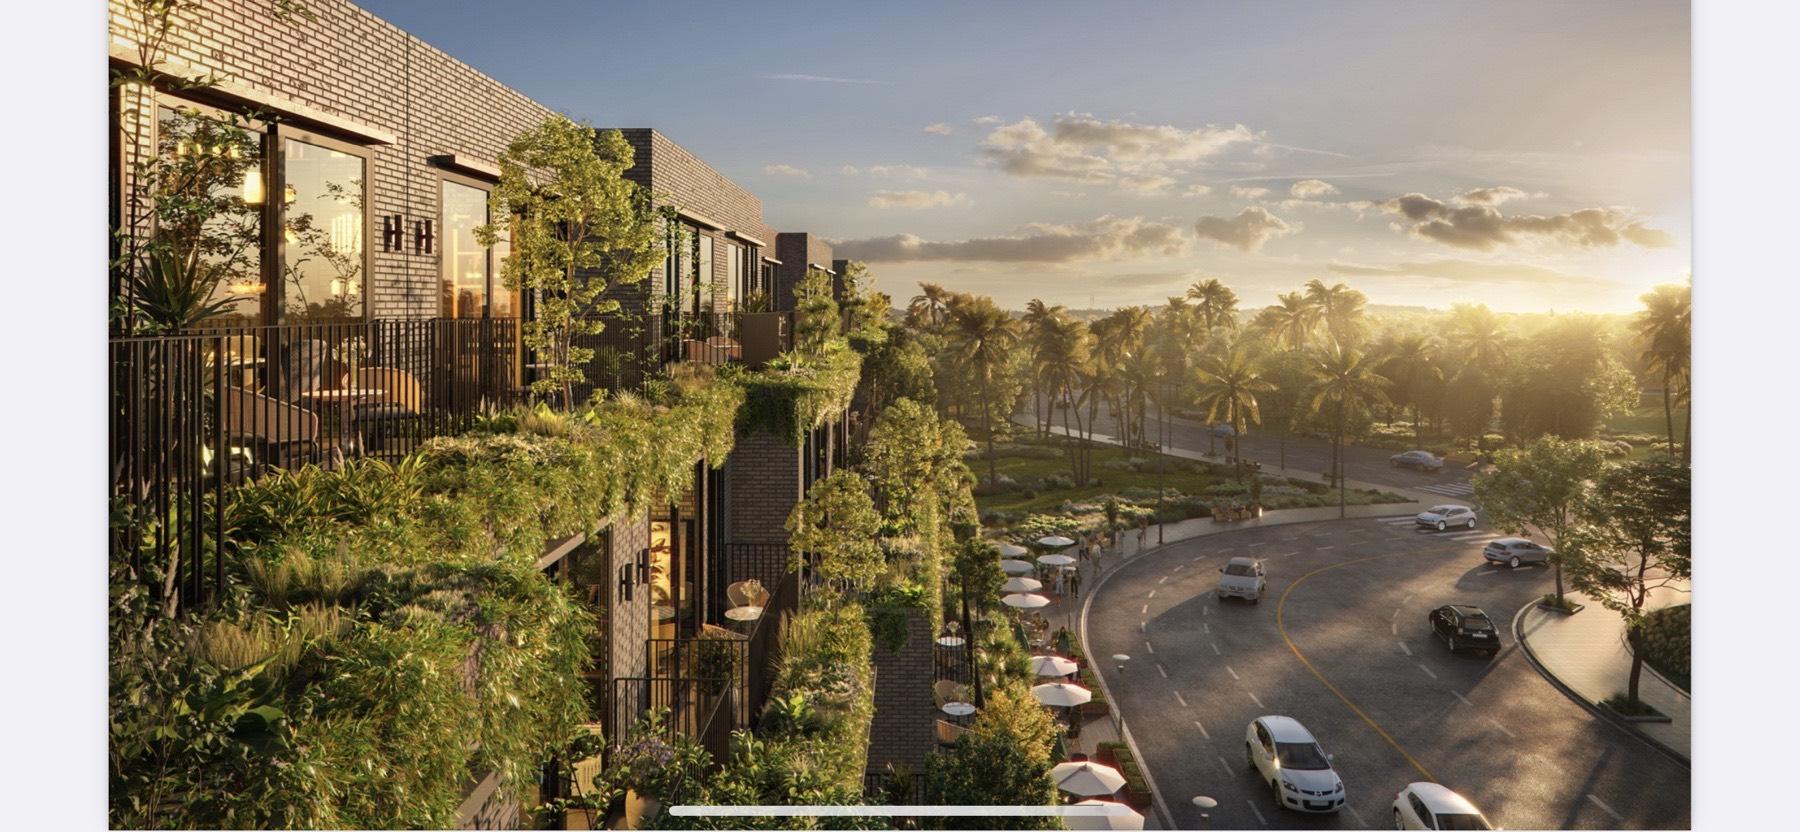 Ecopark Nghệ An nằm trong khu vực được quy hoạch hạ tầng đồng bộ (Hình ảnh minh họa mang tính định hướng sản phẩm)